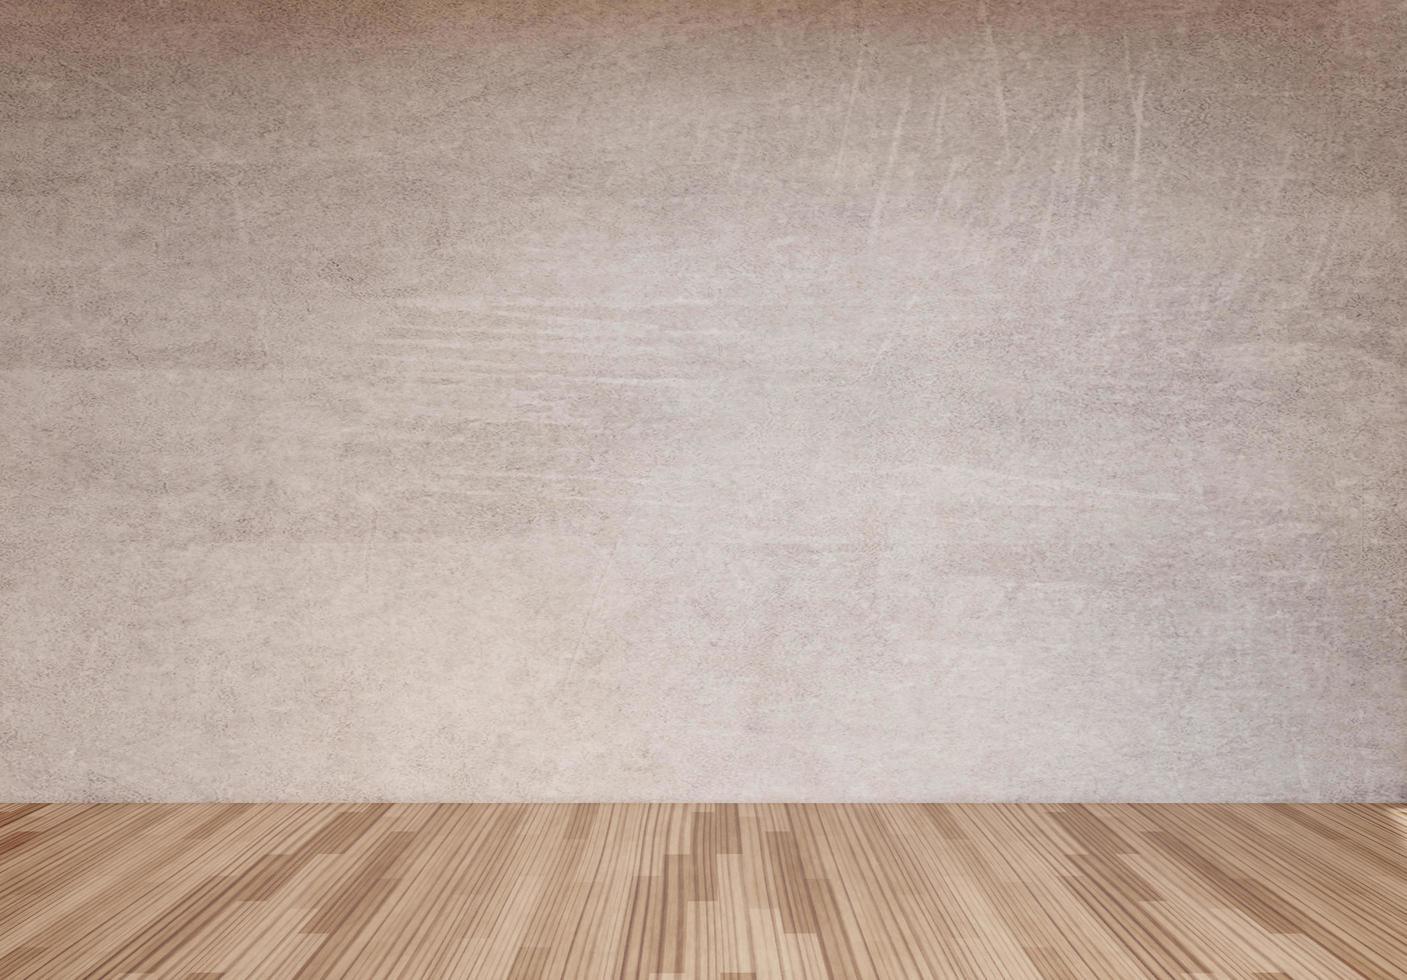 neutrale betonnen muur foto